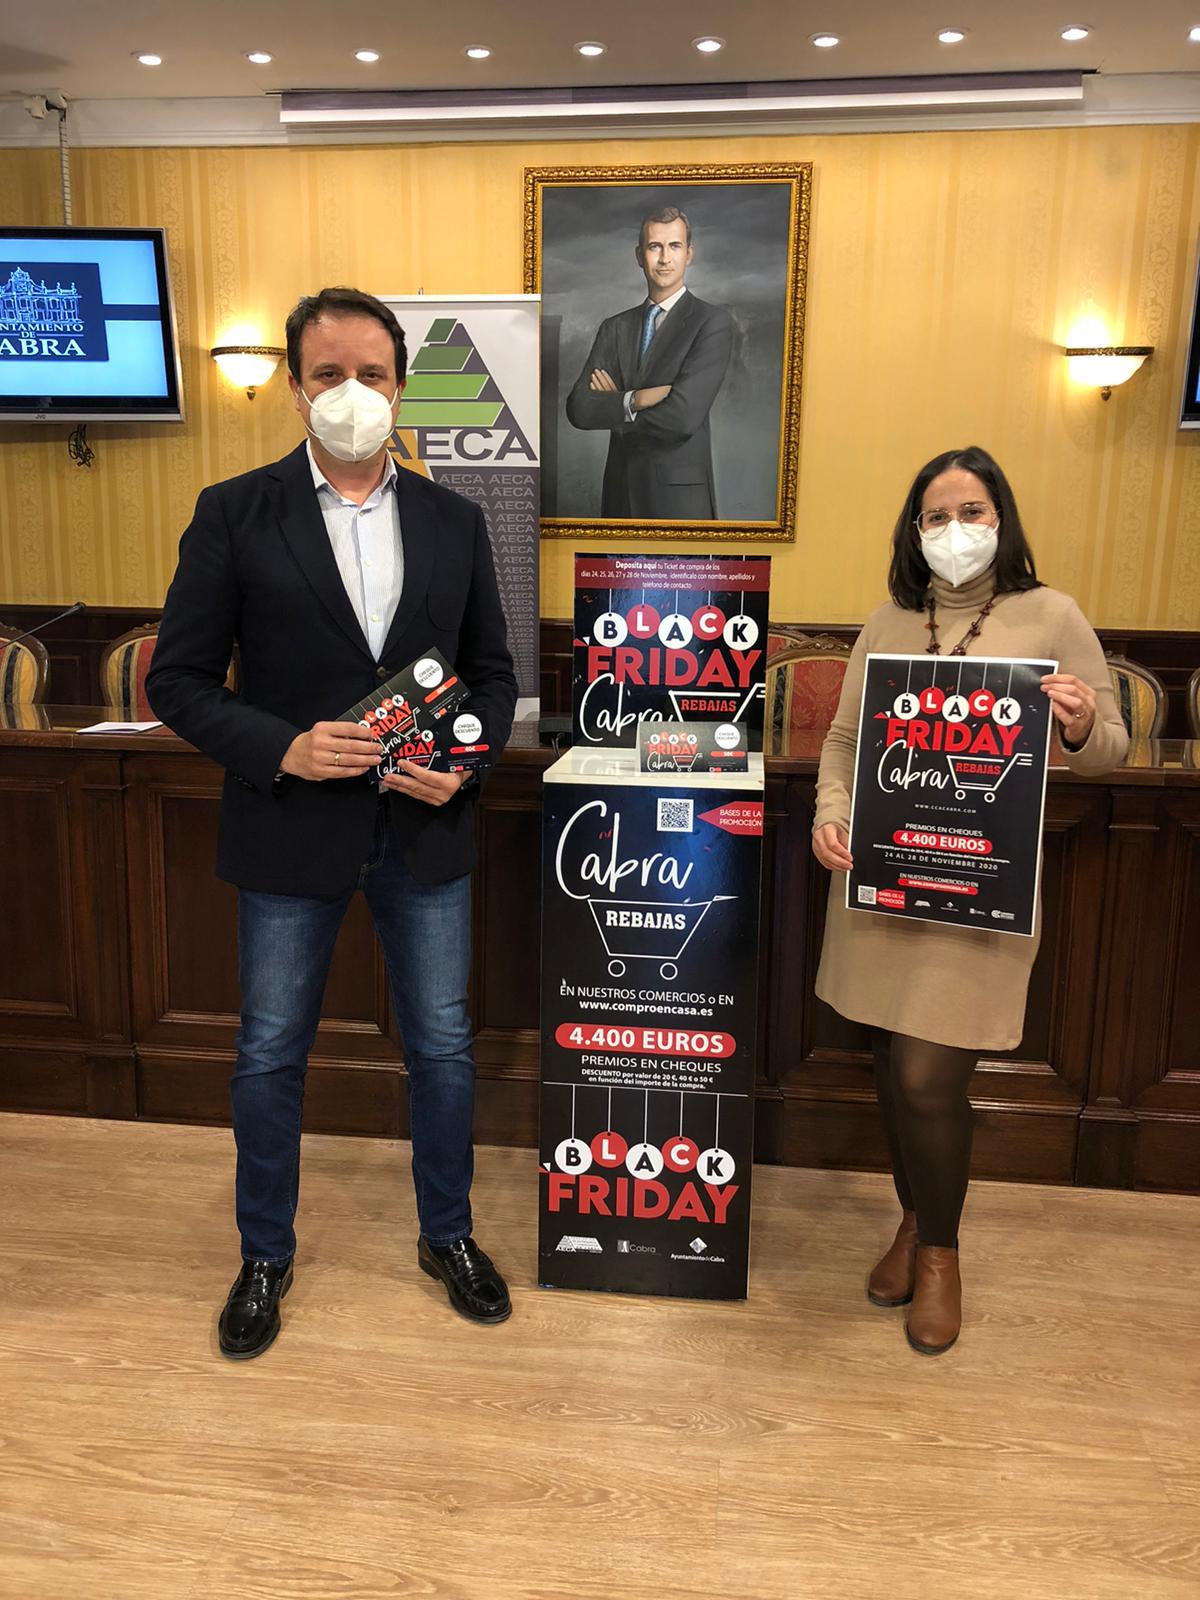 El Black Friday repartirá 4.400 euros en premios en el comercio egabrense